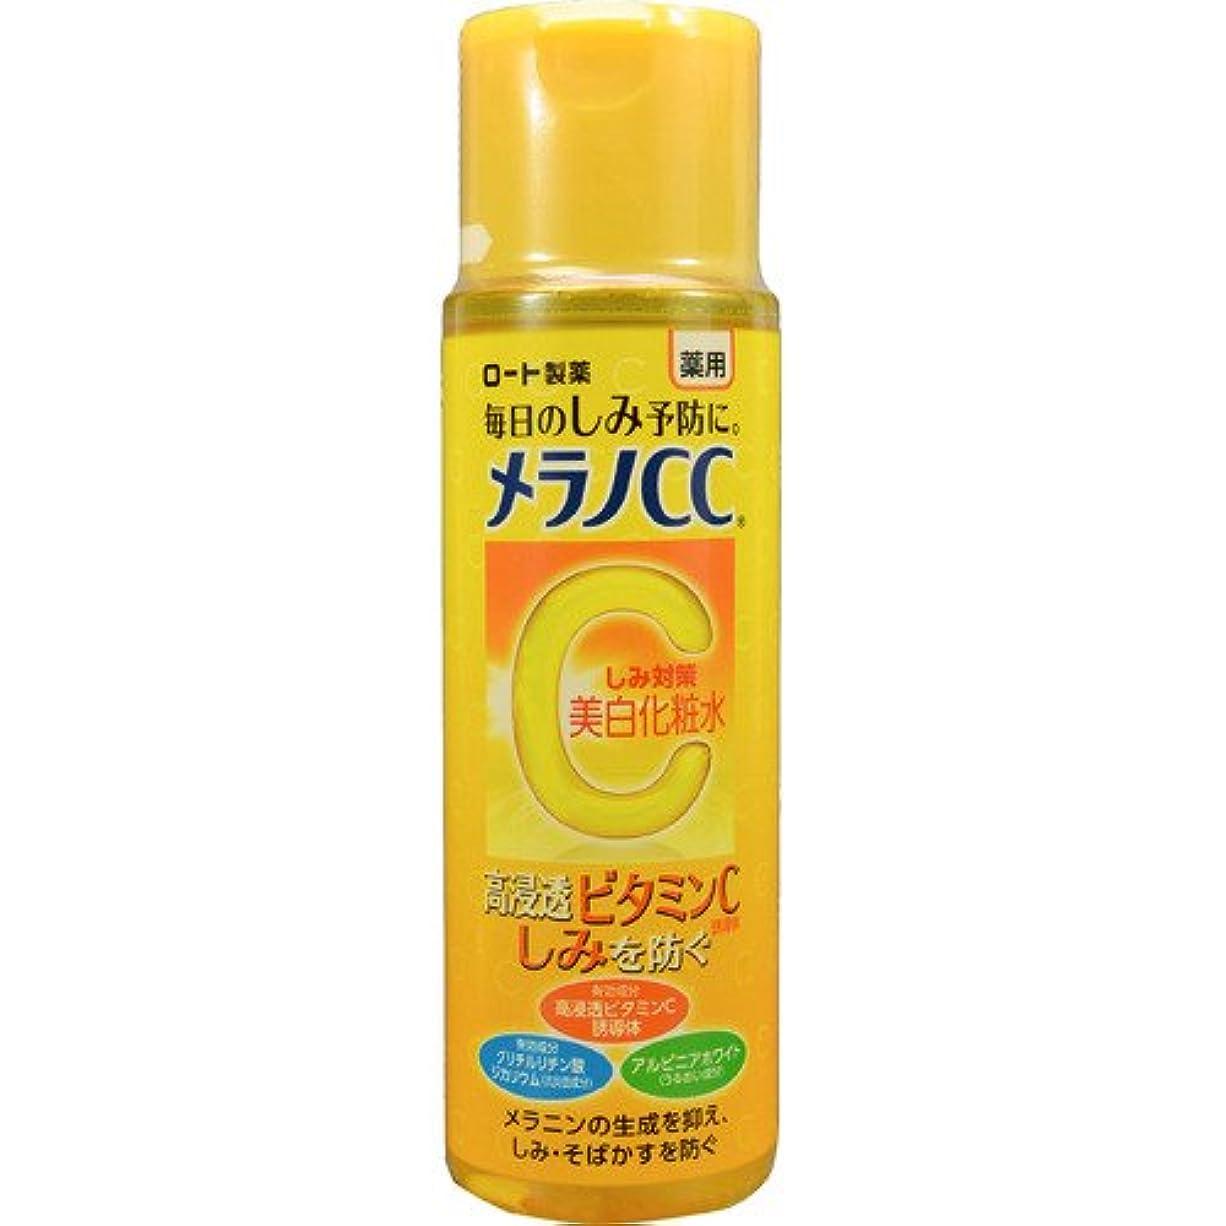 教育傾向があります体現する【セット品】メラノCC 薬用しみ対策 美白化粧水 170mL (医薬部外品) ×10個